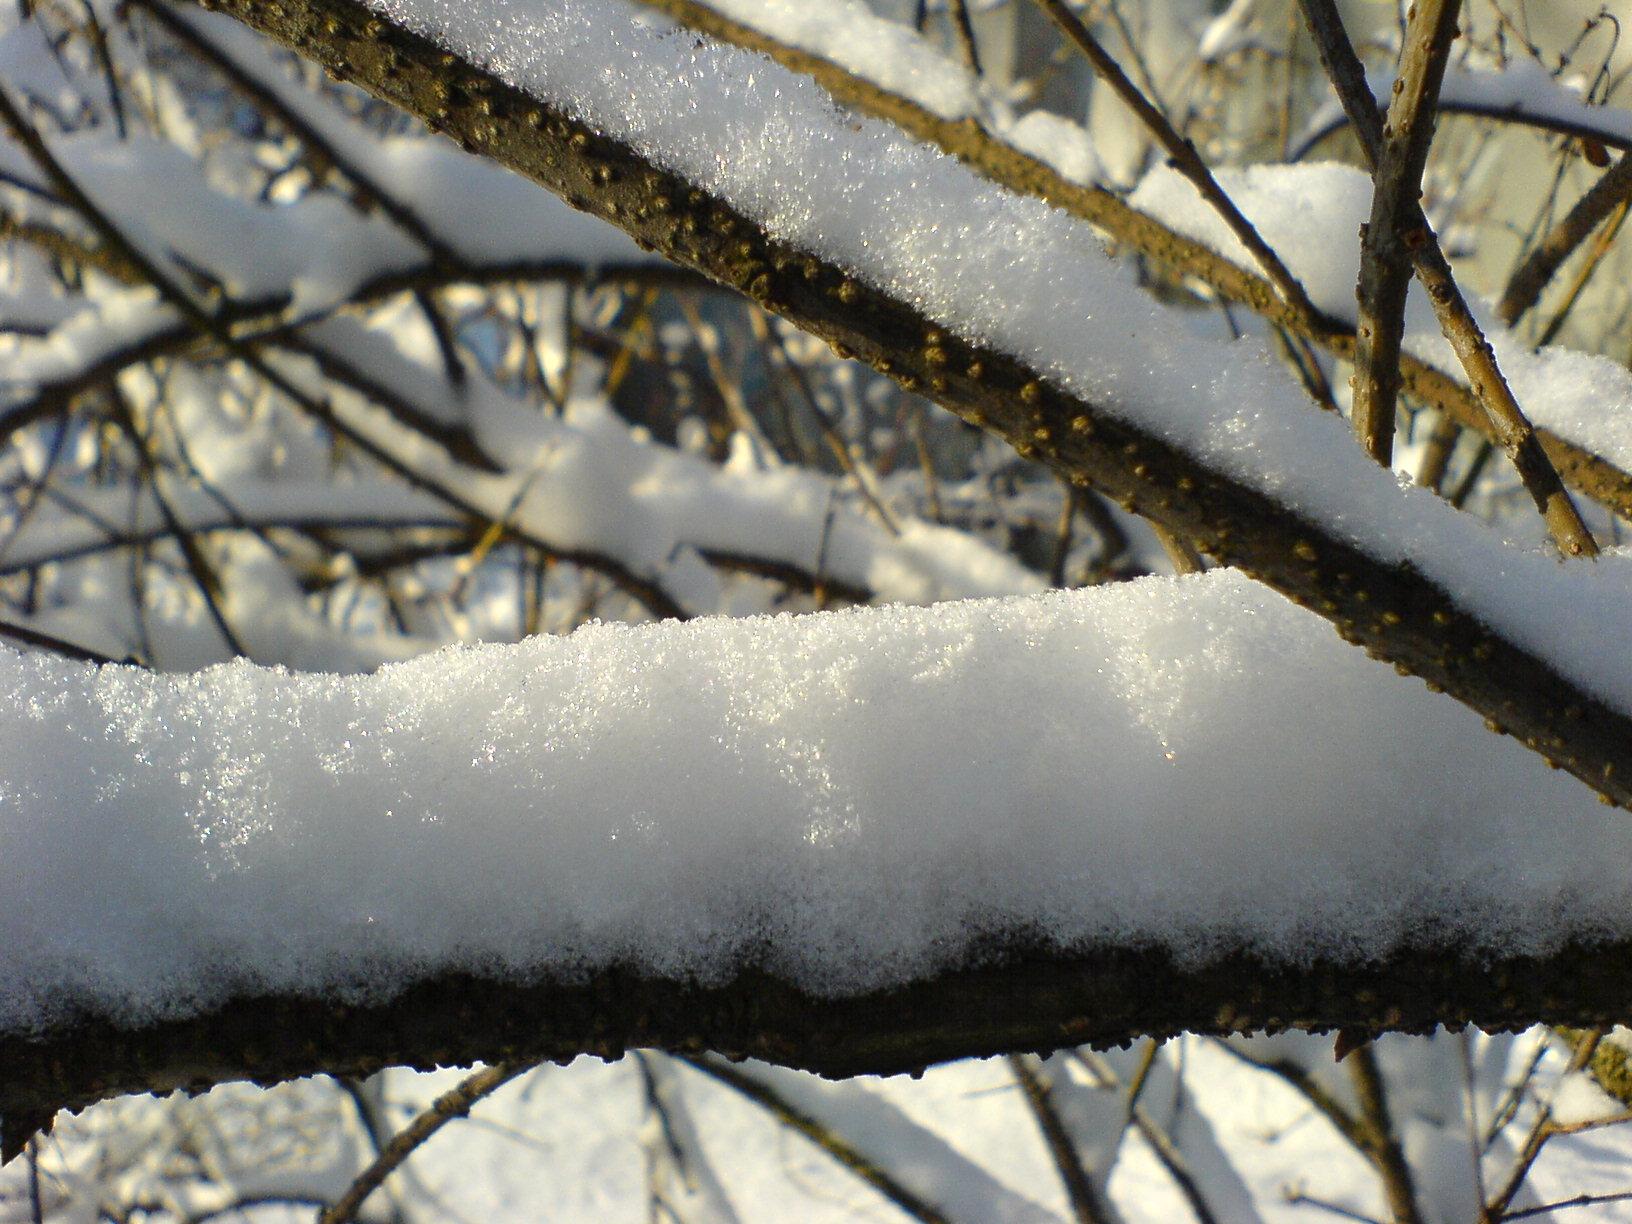 Fresh snow on a thin twig